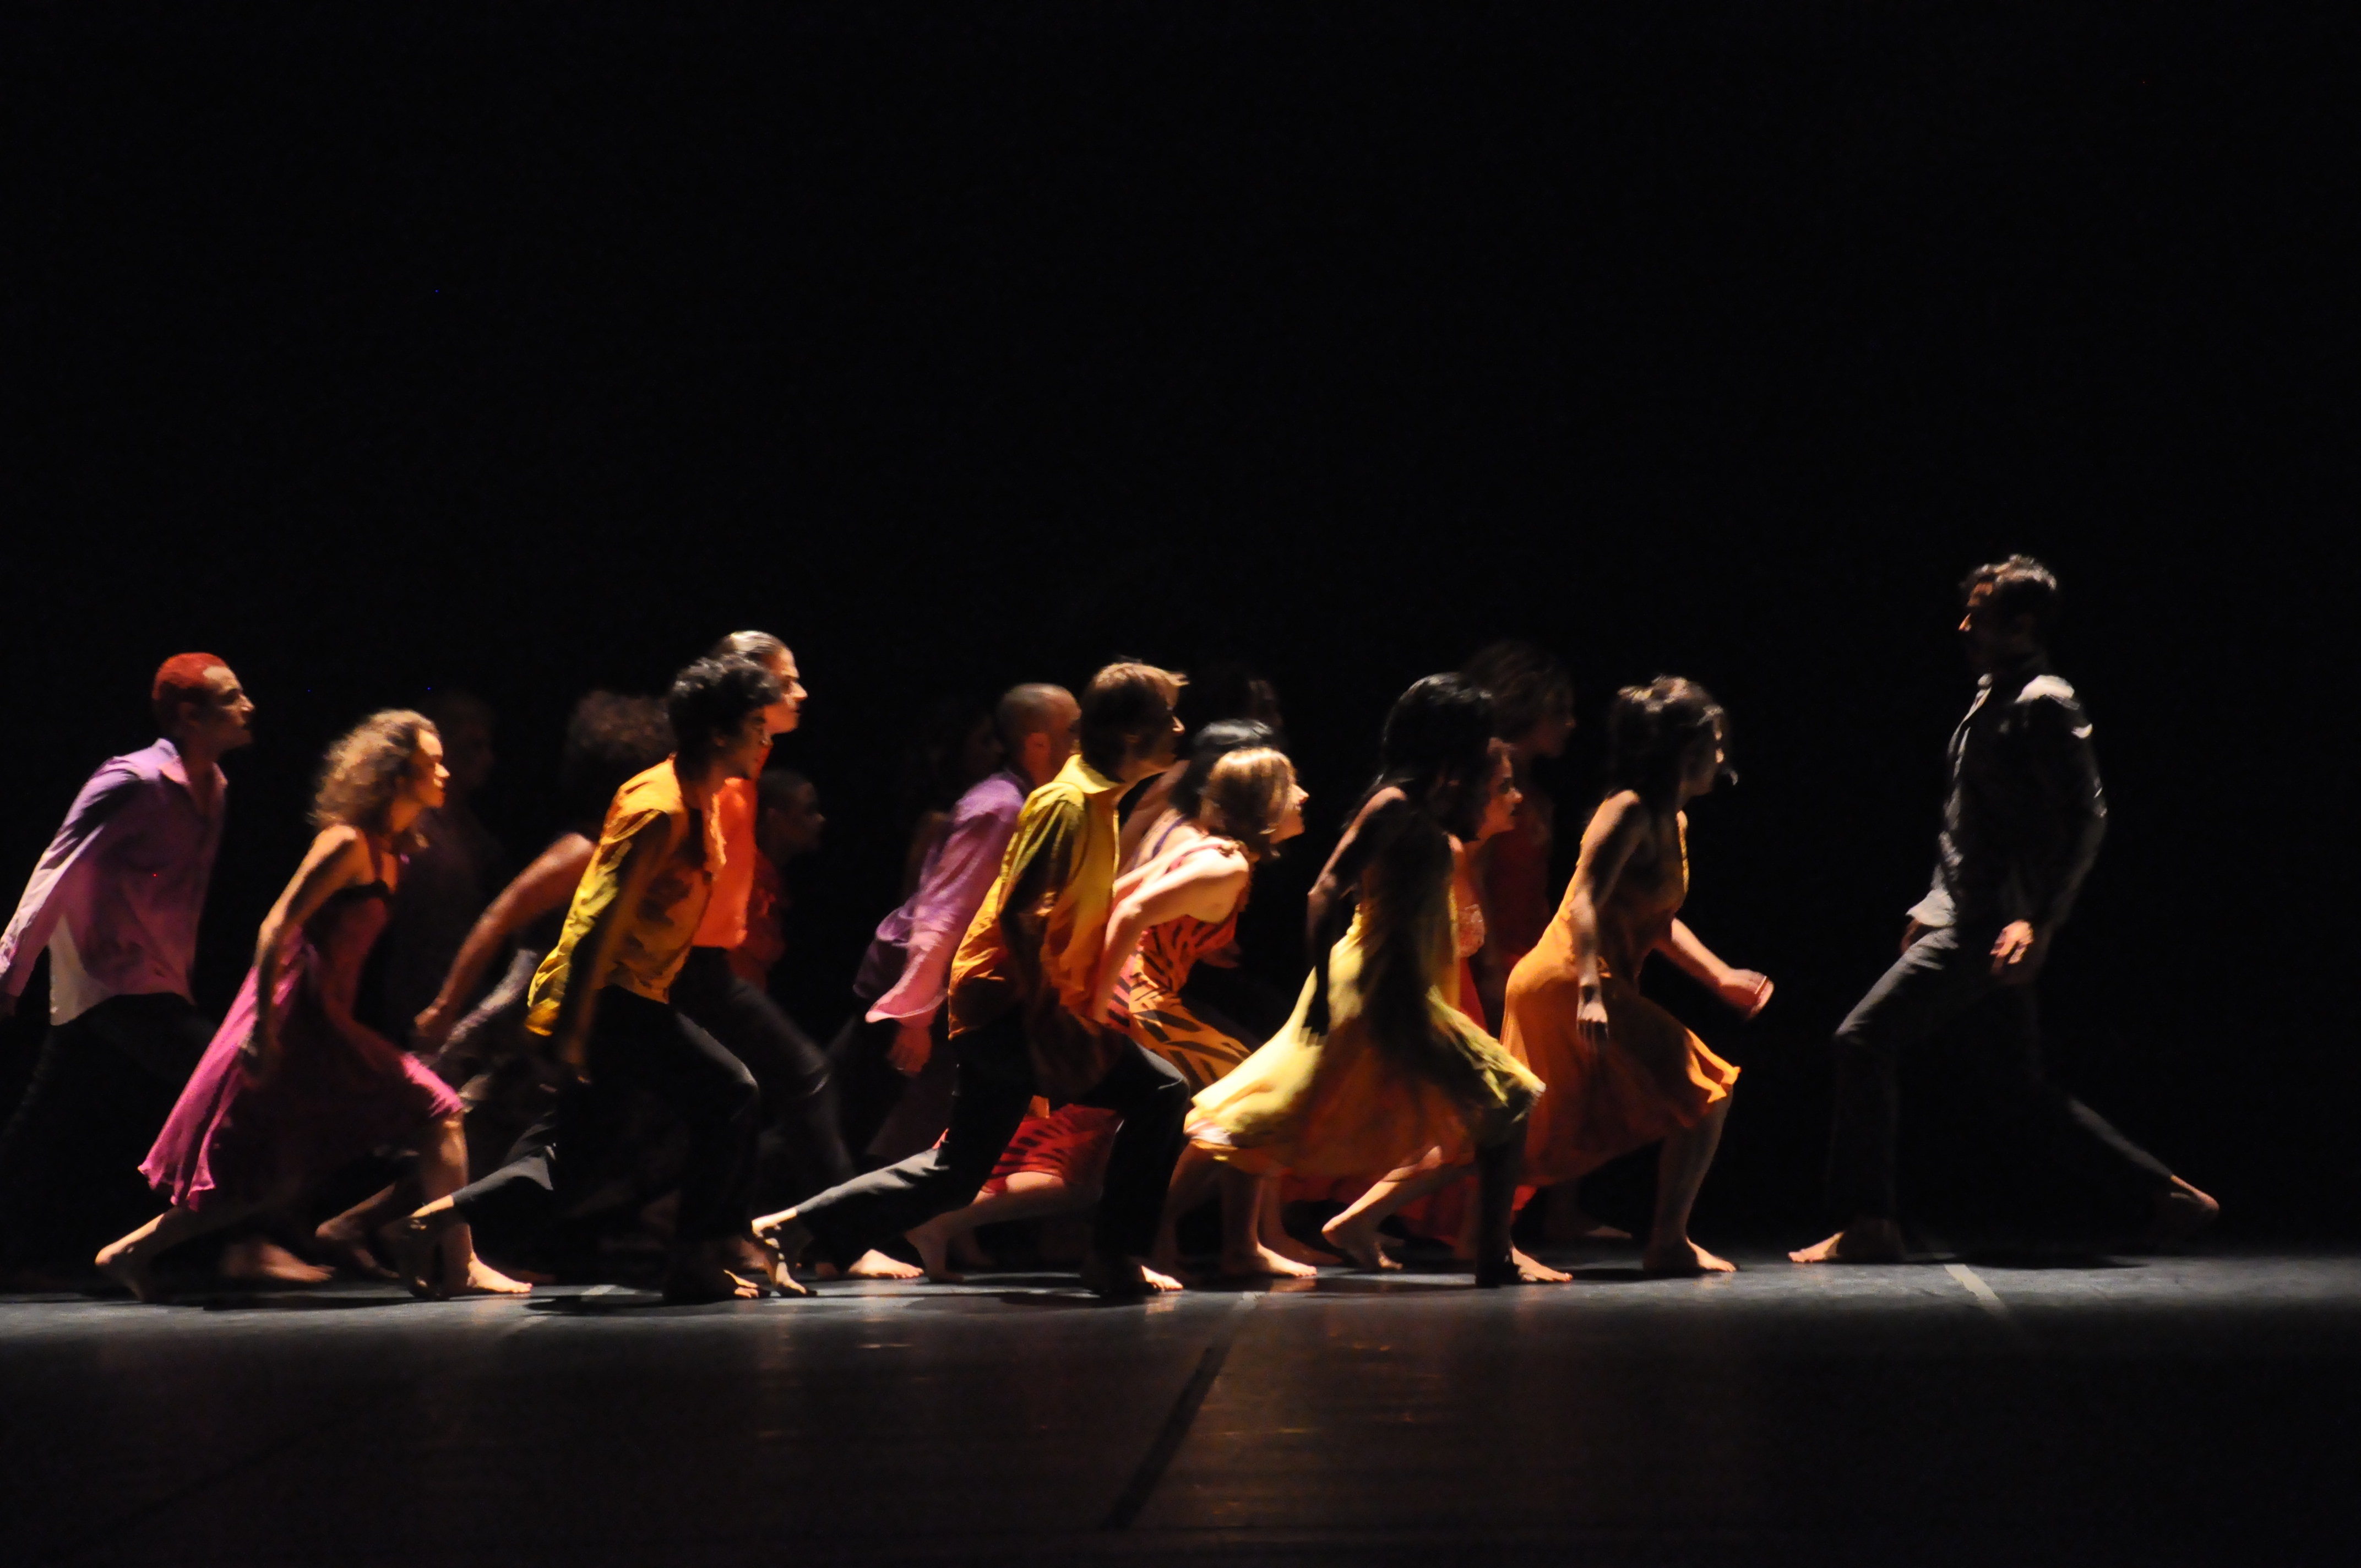 Espetáculo de teatro e dança faz temporada no Teatro Municipal de Niterói2